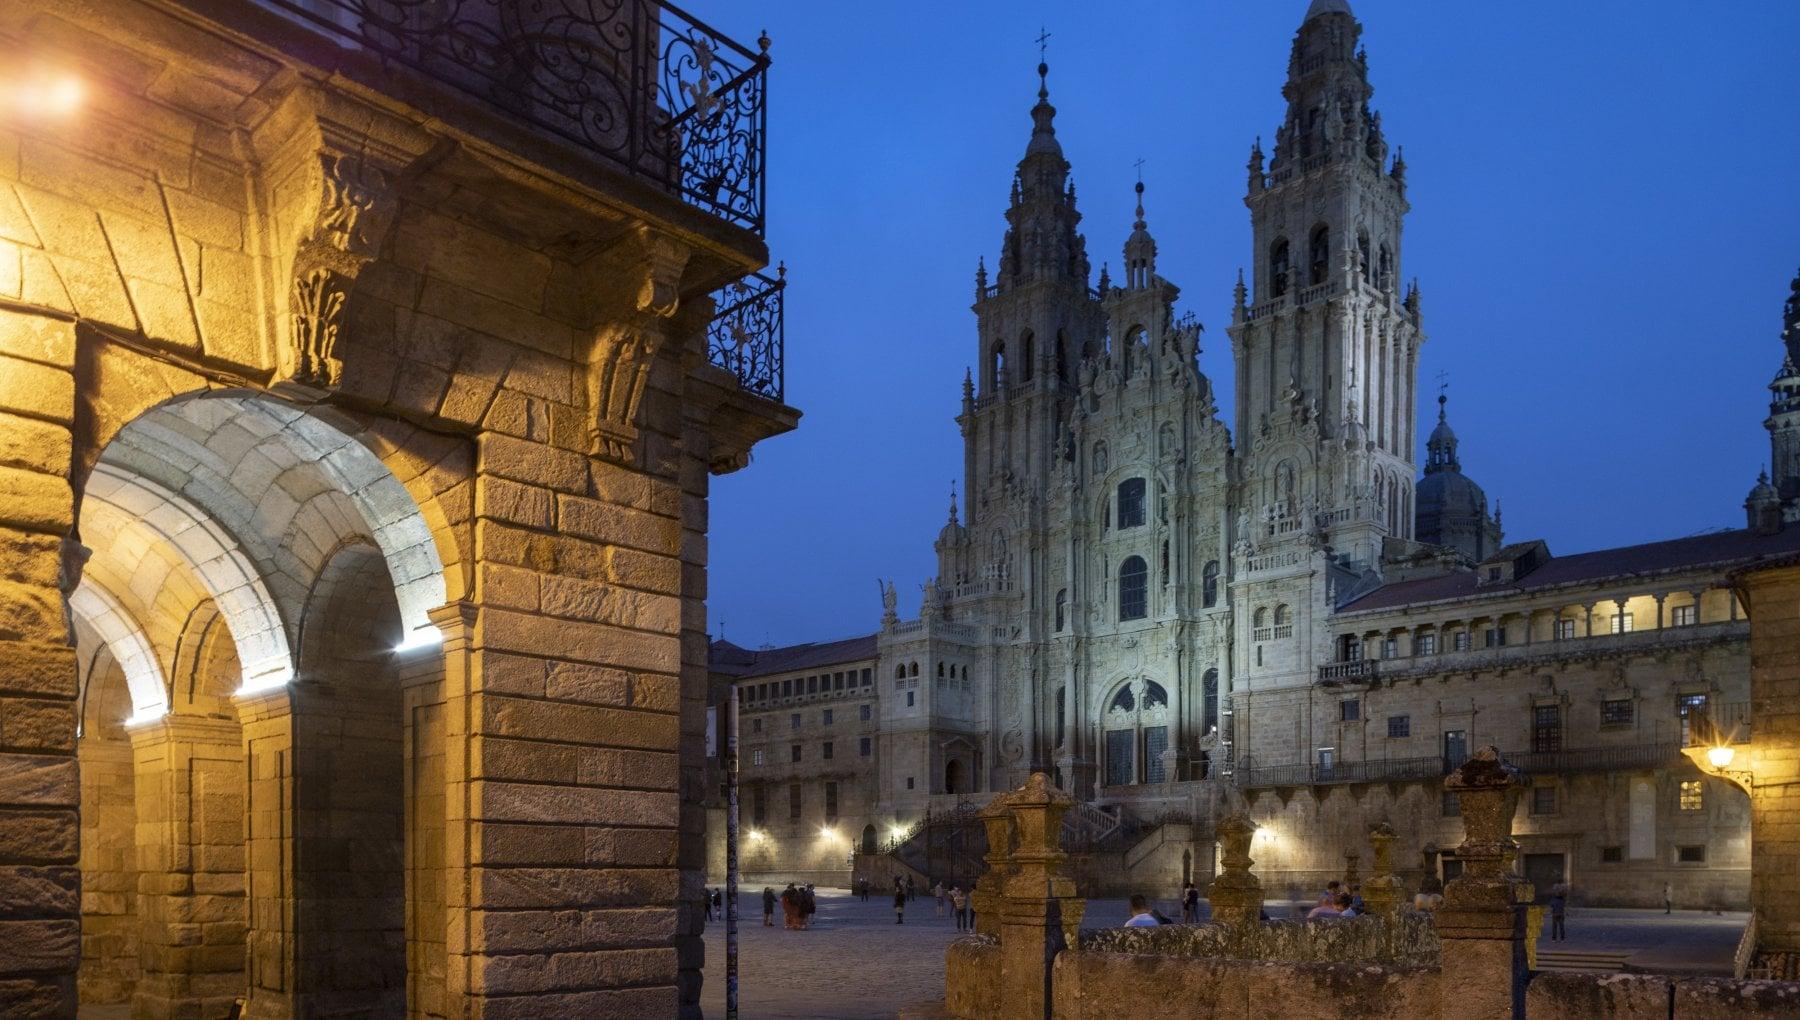 203247965 3c16fd98 2ef9 4ad0 affe c2bbe56a5c25 - Il Giorno K, il killer della Cattedrale di Santiago de Compostela